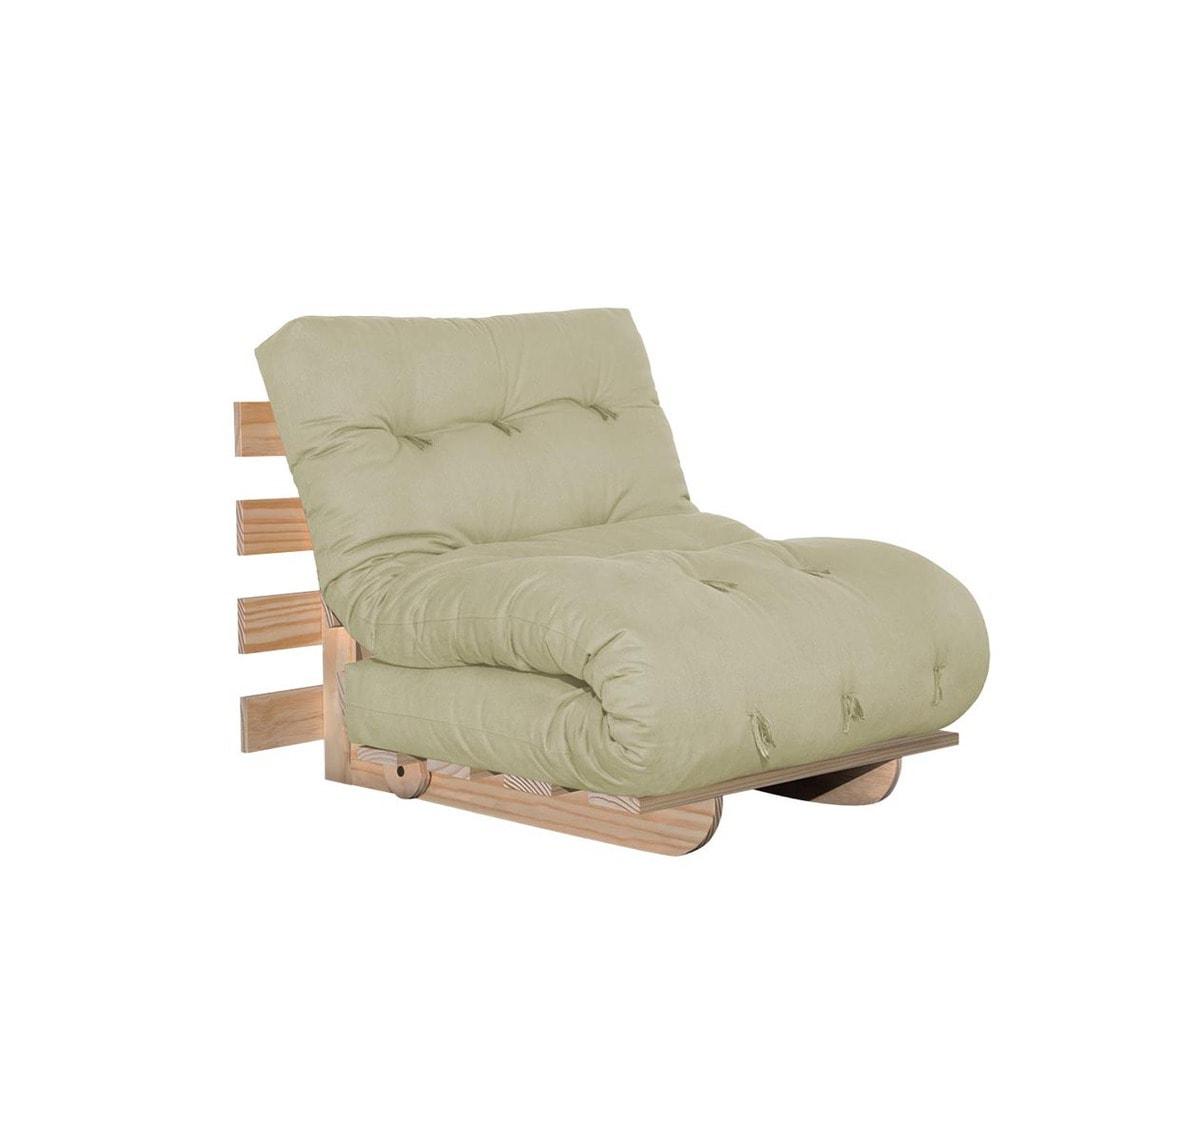 Sofa-cama-BYO-80A-Tecido-Sarja-Peletizada-Areia-02A copy